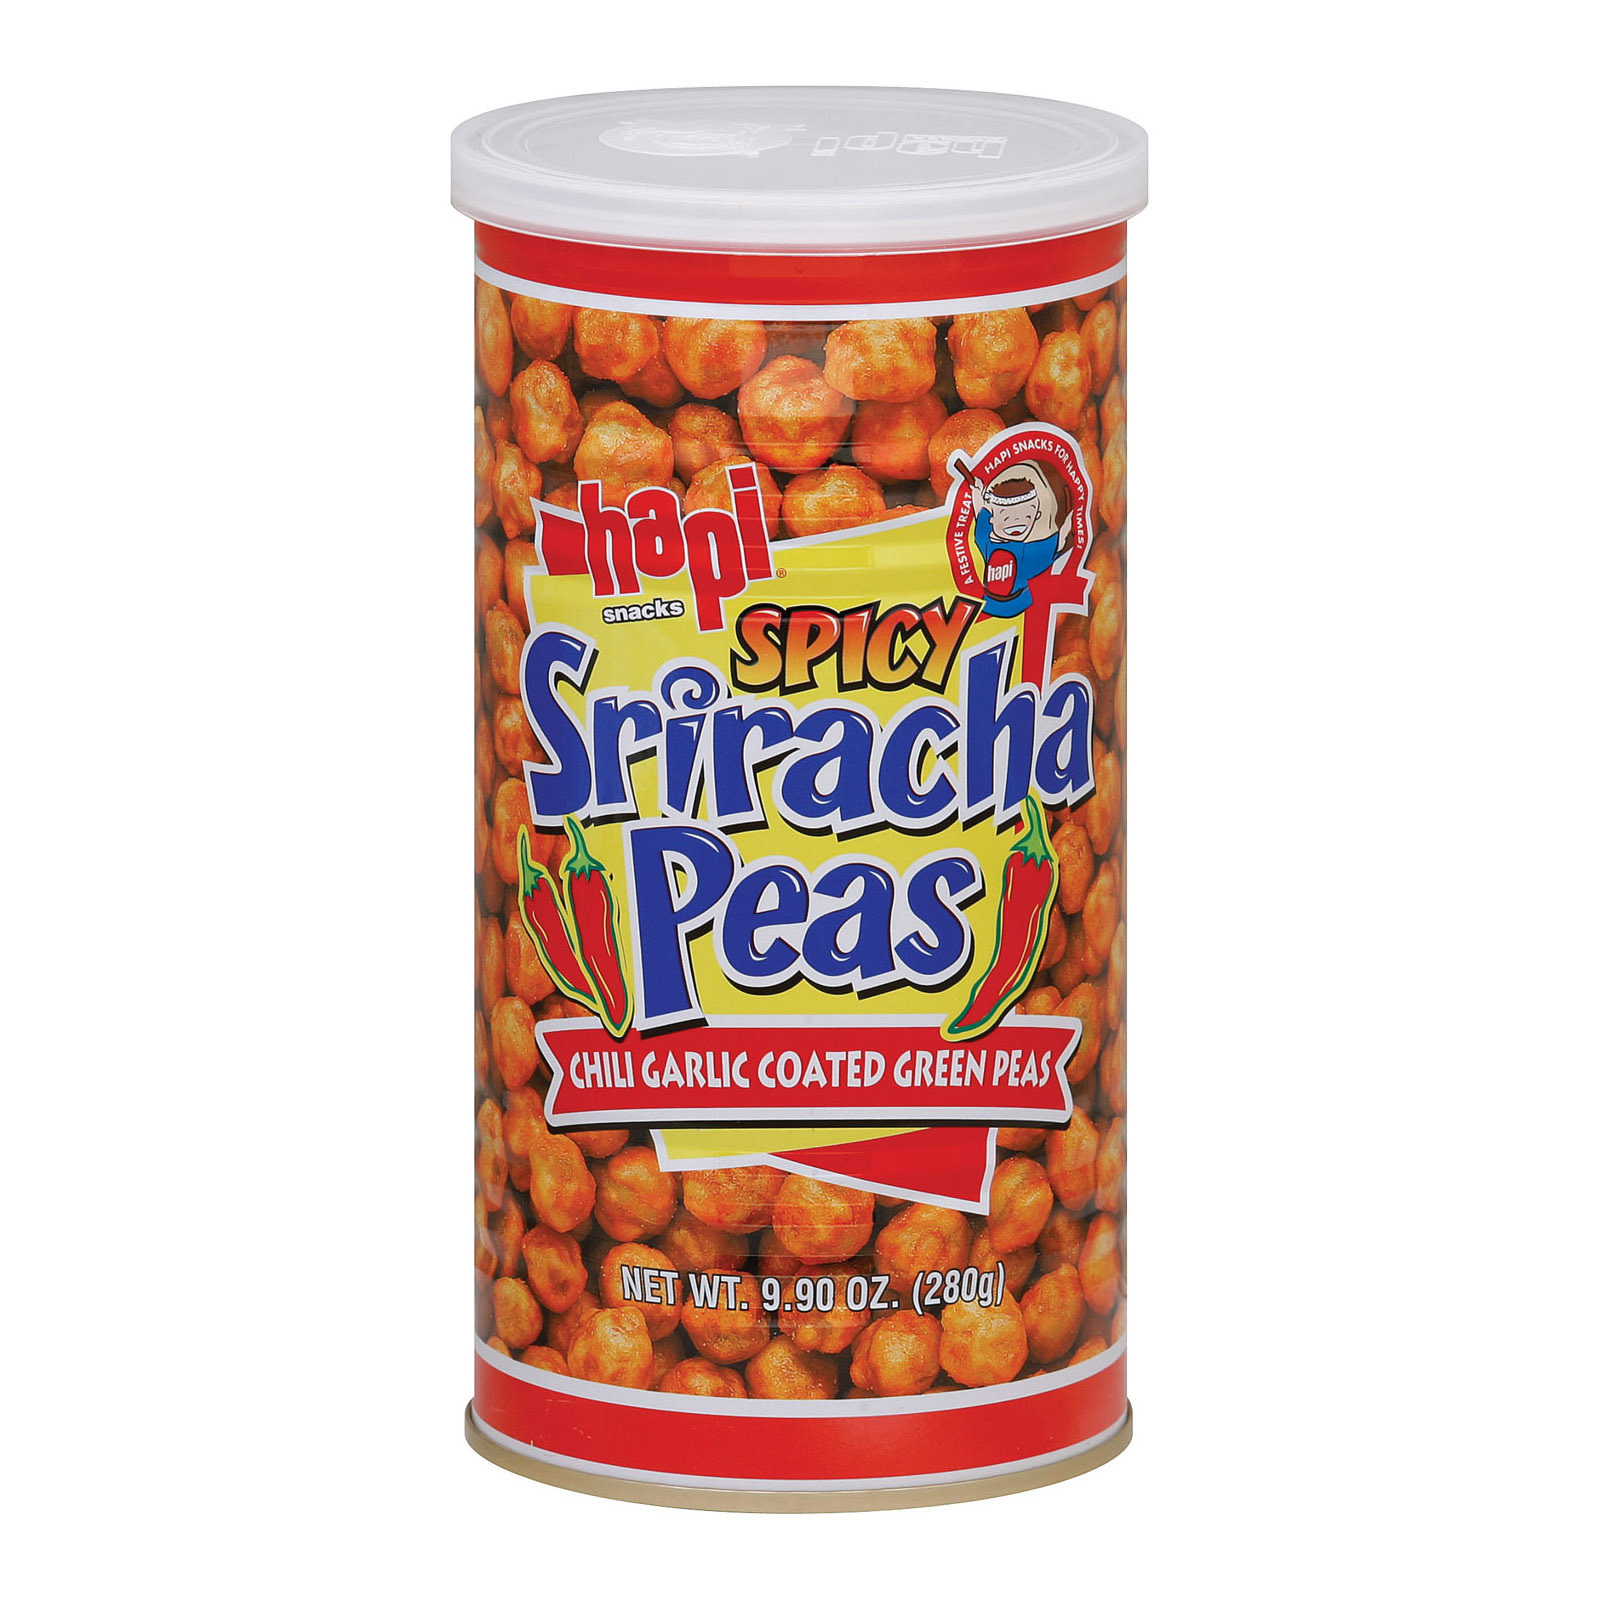 Hapi Sriracha Peas - Green Chili - Case of 12 - 9.9 oz